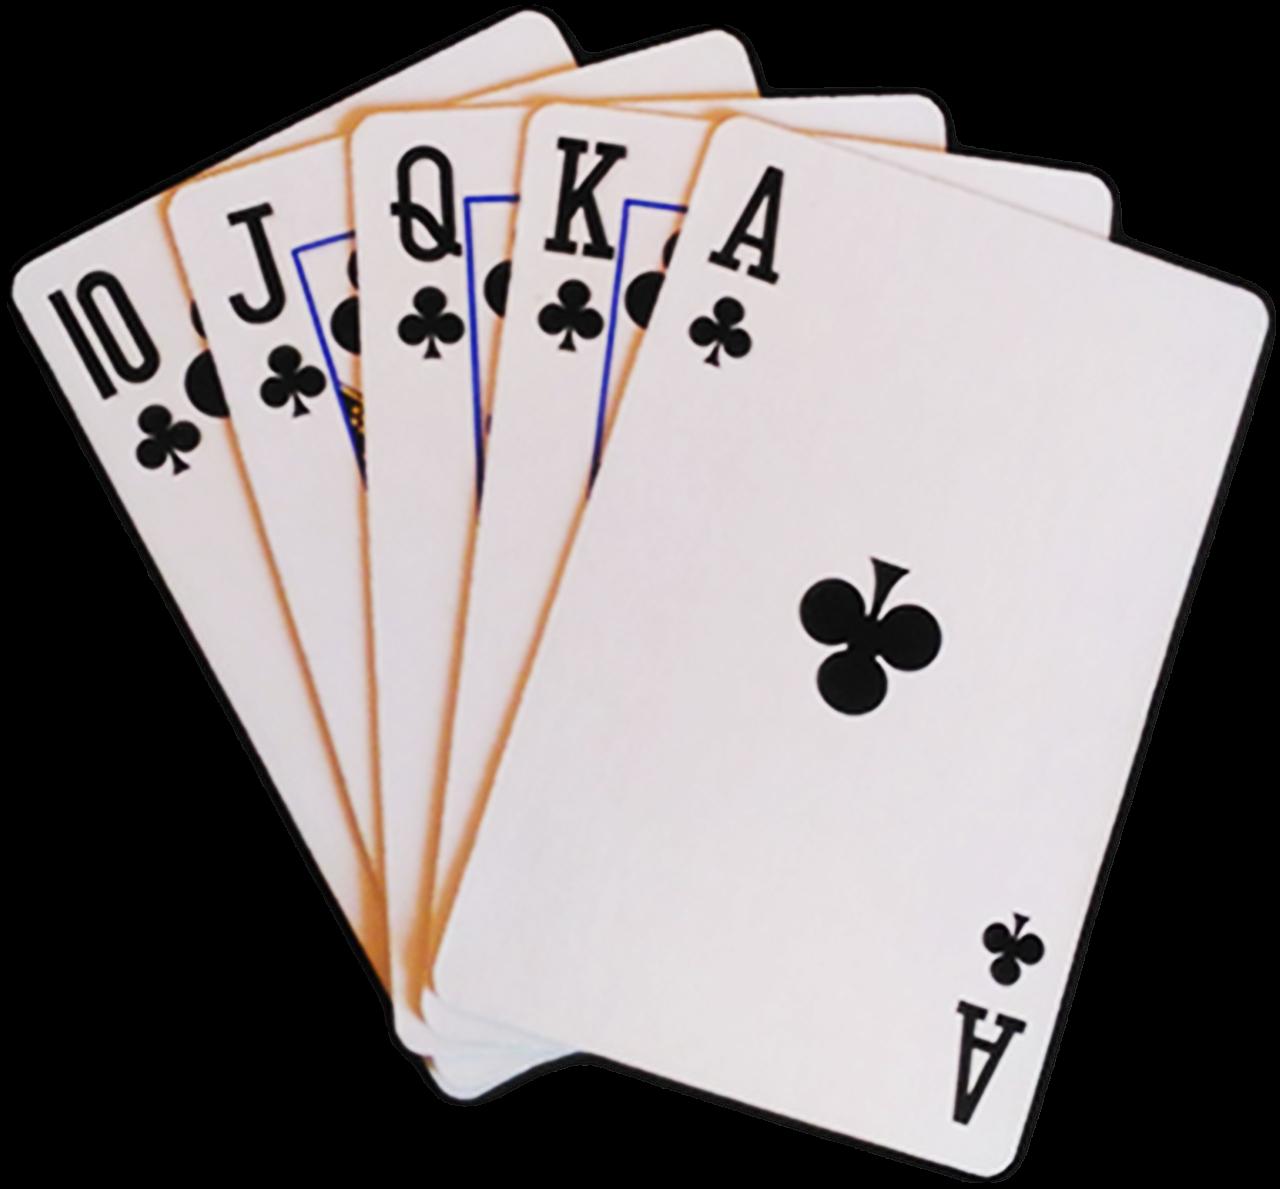 Казино casino бонус при регистрации 777 рублей